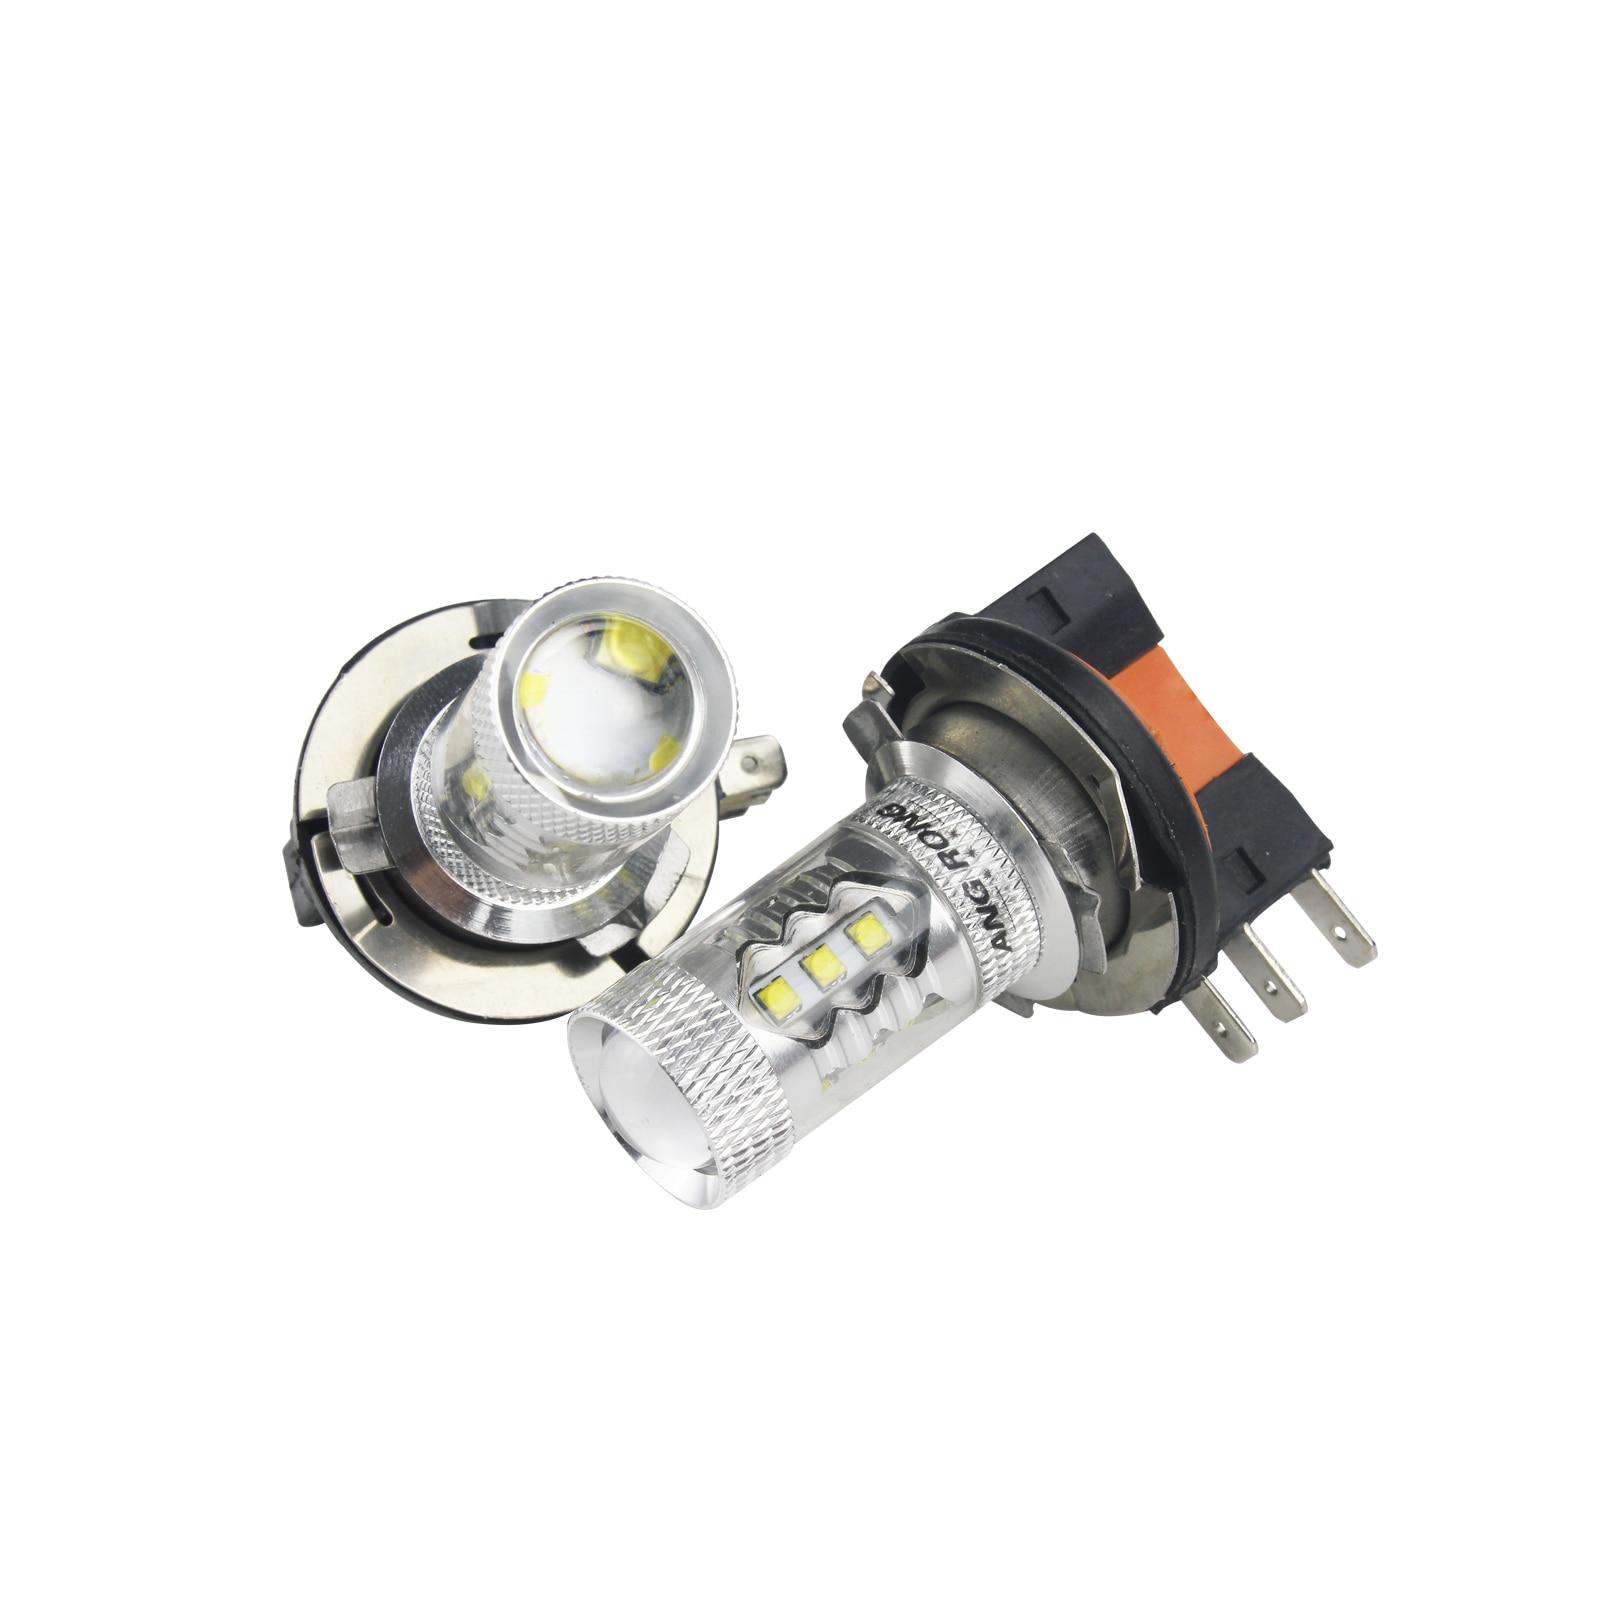 VW Caddy MK3 80w Super White Xenon HID Front Fog Light Bulbs Pair